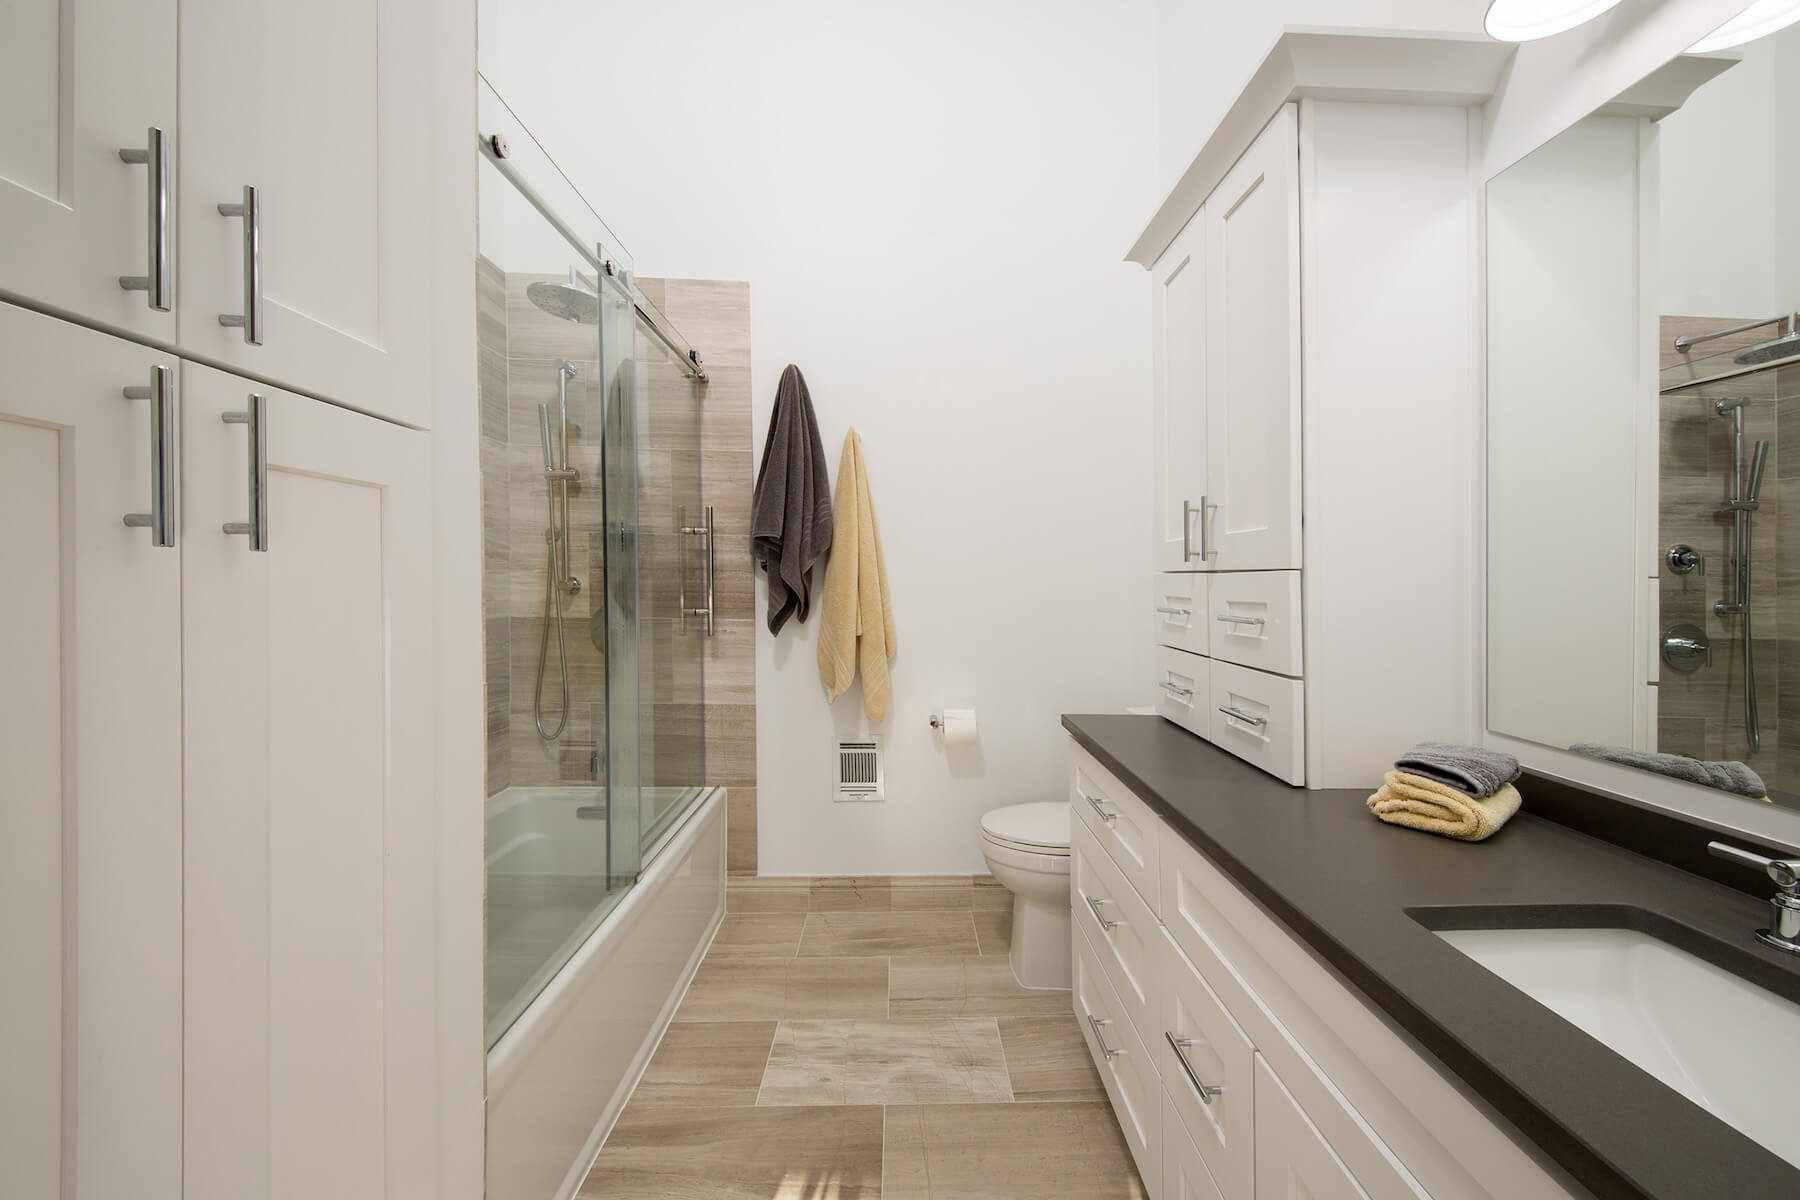 bathroom10-19-17_817